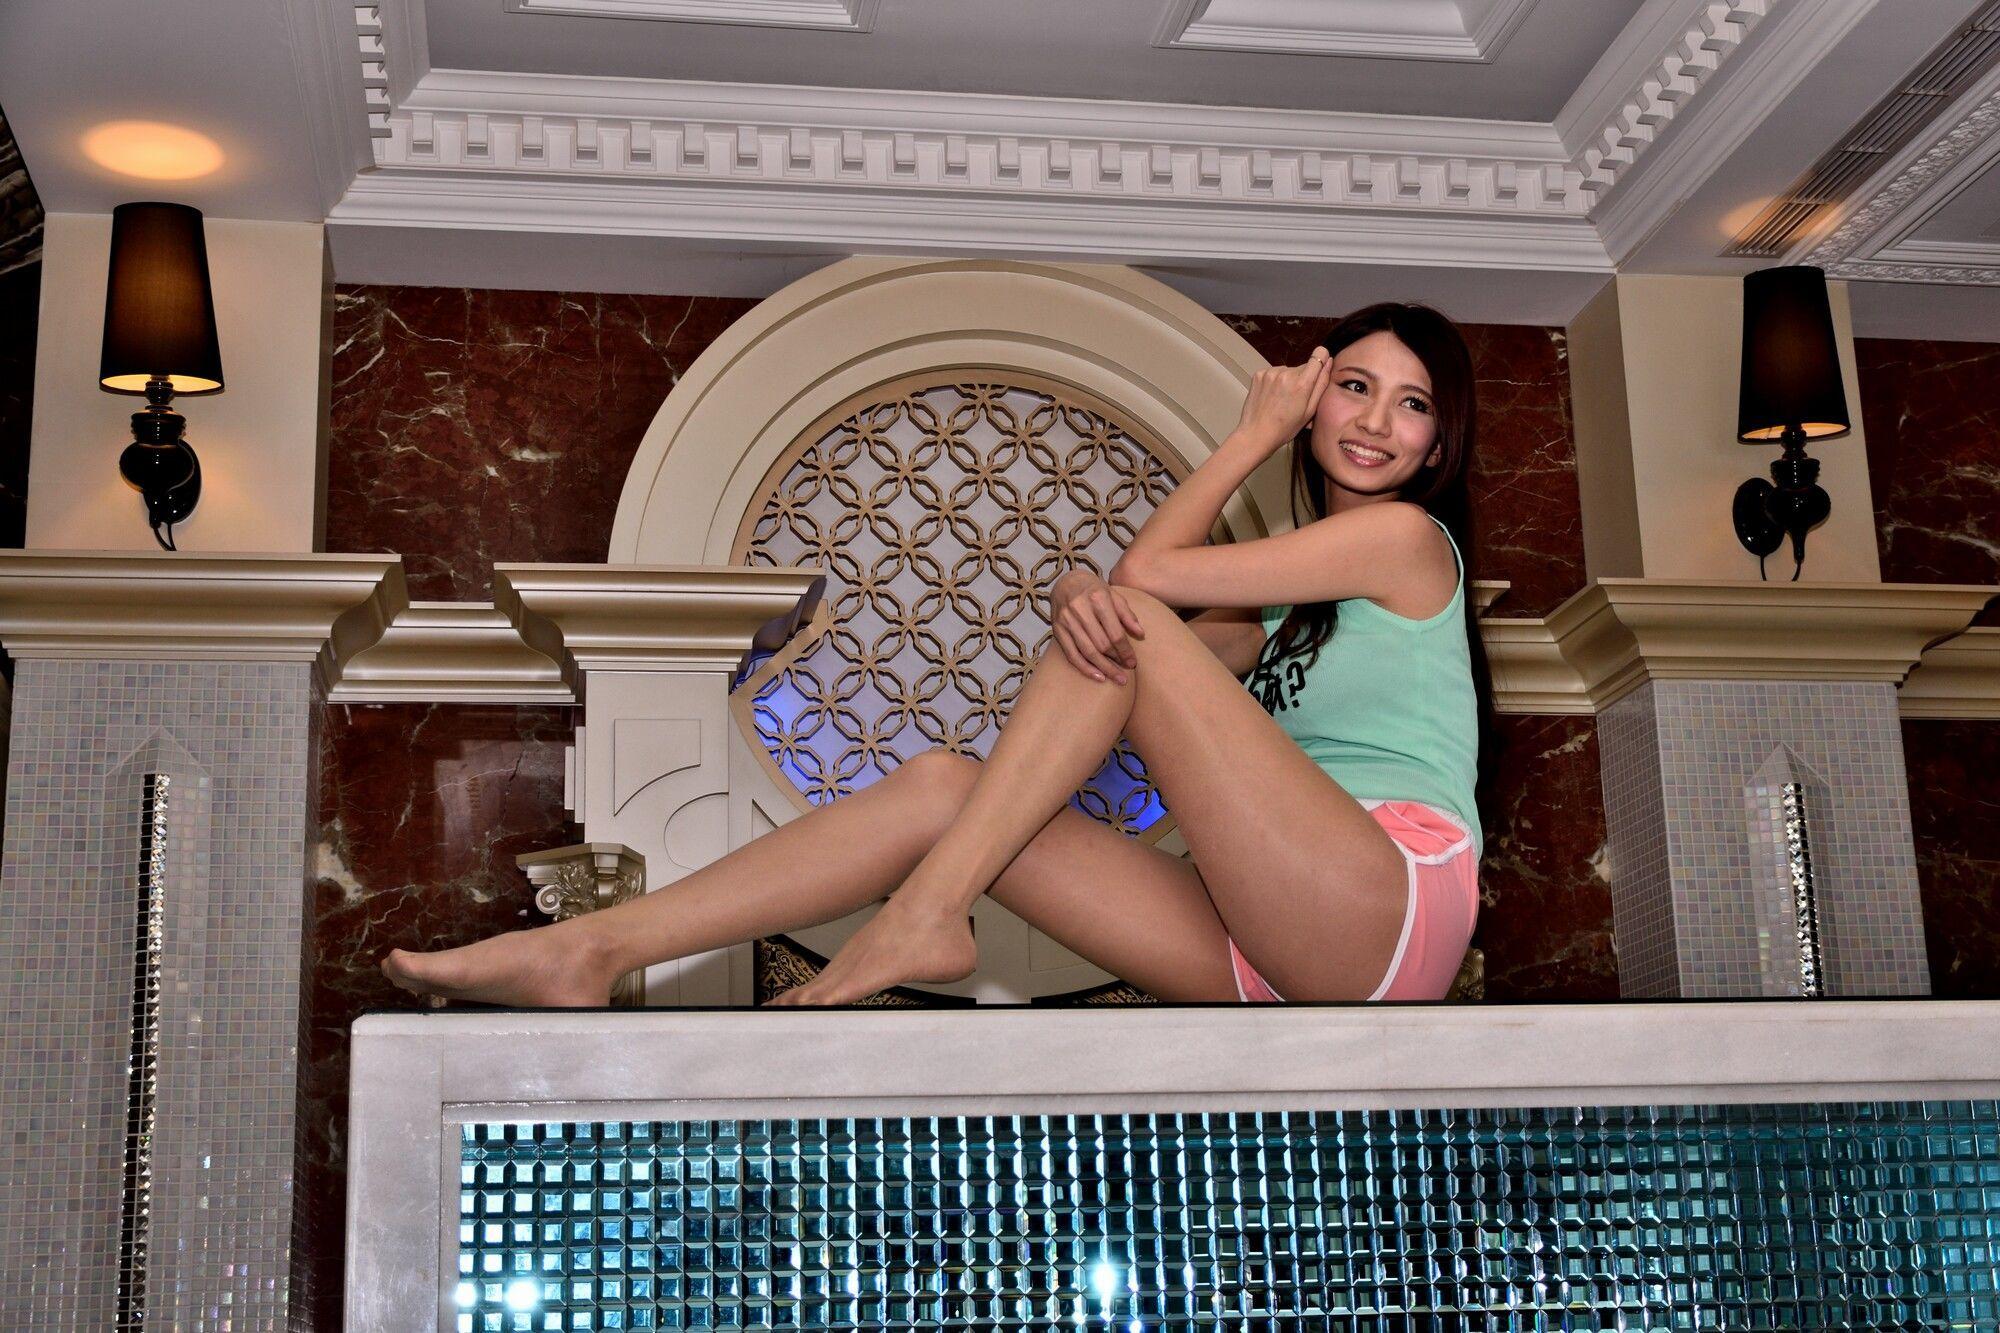 蔡译心 - 台中之星旅拍 写真图片